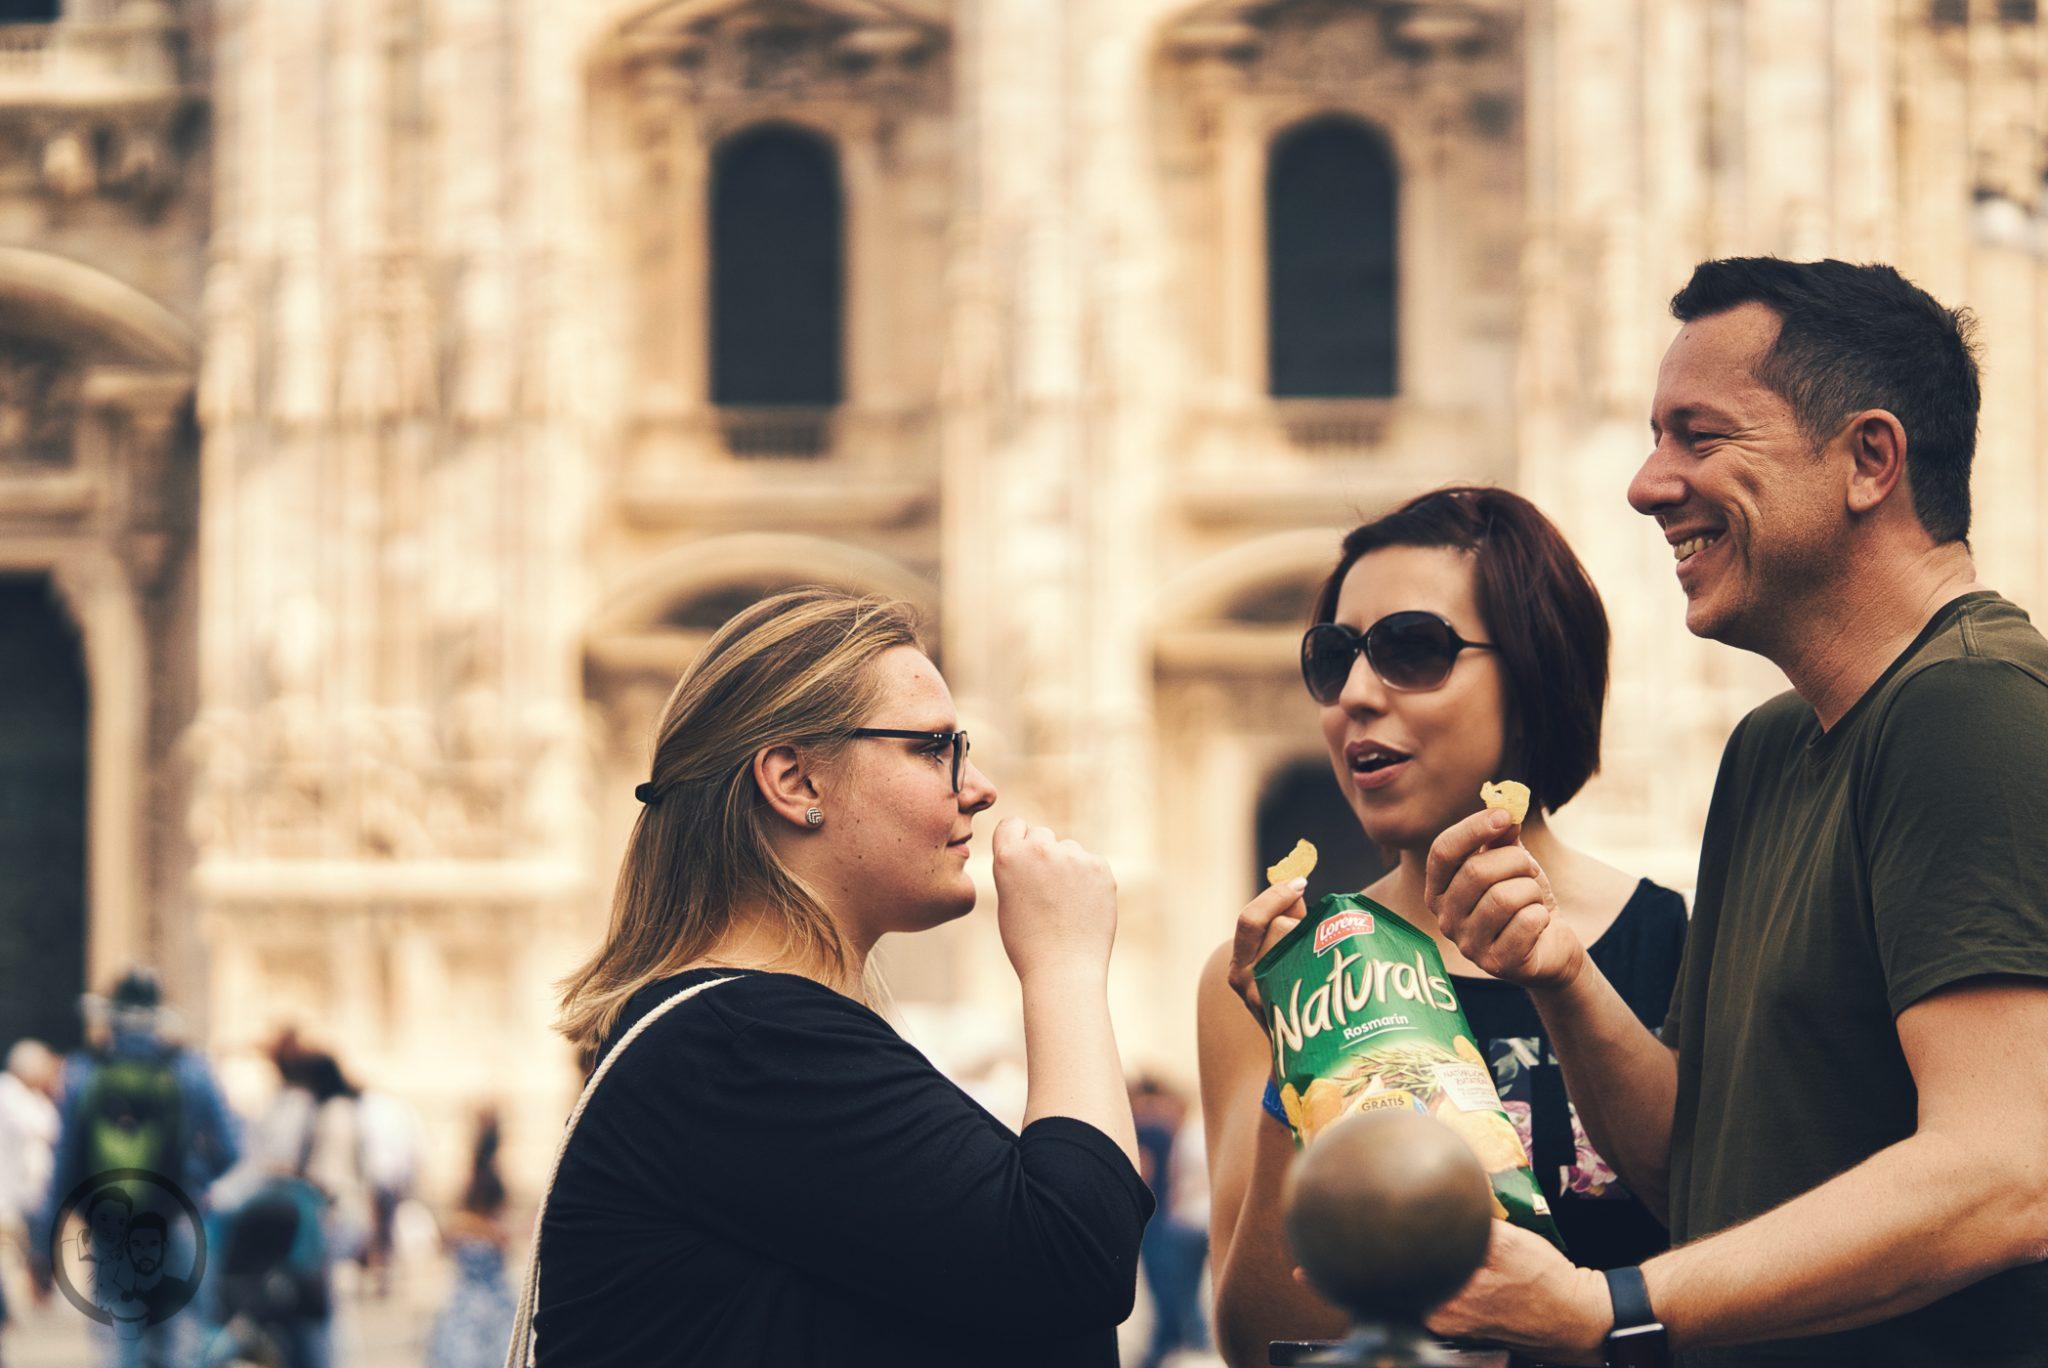 natural mailand aperitivo 18 | Vielleicht könnt ihr euch noch daran erinnern, dass wir uns vor ein paar Wochen mit einem neuen Rezept aus Mailand gemeldet haben. Denn genau dort dürften wir zwei schöne Tage verbringen. Die Stadt ist nicht nur für Mode sondern auch für eine tolle Food-Szene bekannt. Warum wir in Mailand waren und was unser neues Rezept für einen Pflaumen-Vermouth-Spritz damit zu tun hat und warum Naturals Chips der perfekte Begleiter dazu sind - das wollen wir euch heute zeigen.